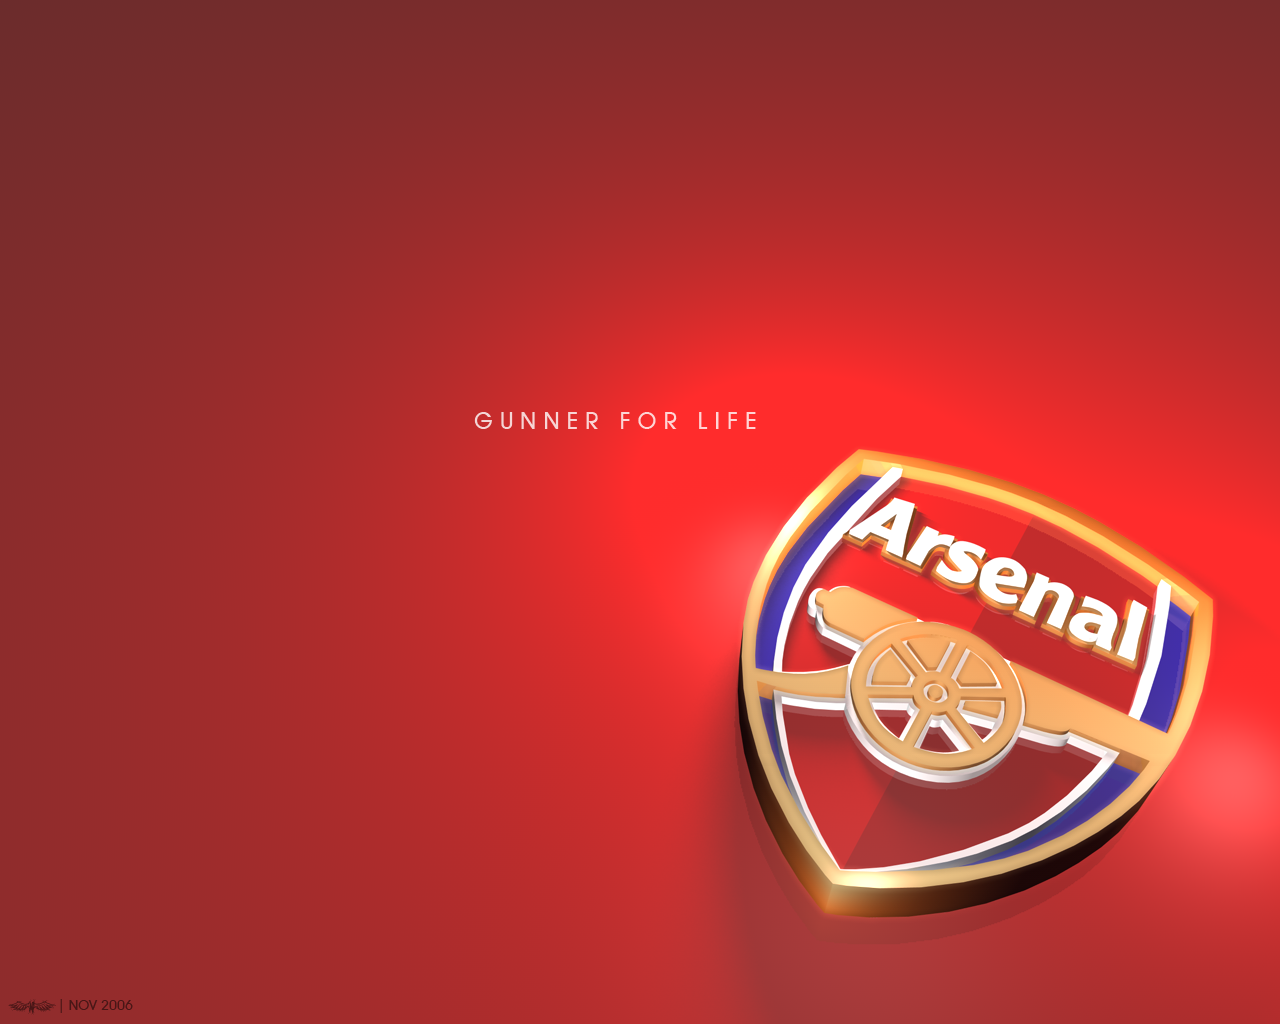 Wallpaper iphone arsenal - Arsenal Logo Free Download Arsenal Fc Logo Hd Wallpapers For 1600 900 Arsenal Fc Wallpapers 48 Wallpapers Adorable Wallpapers Desktop Pinterest